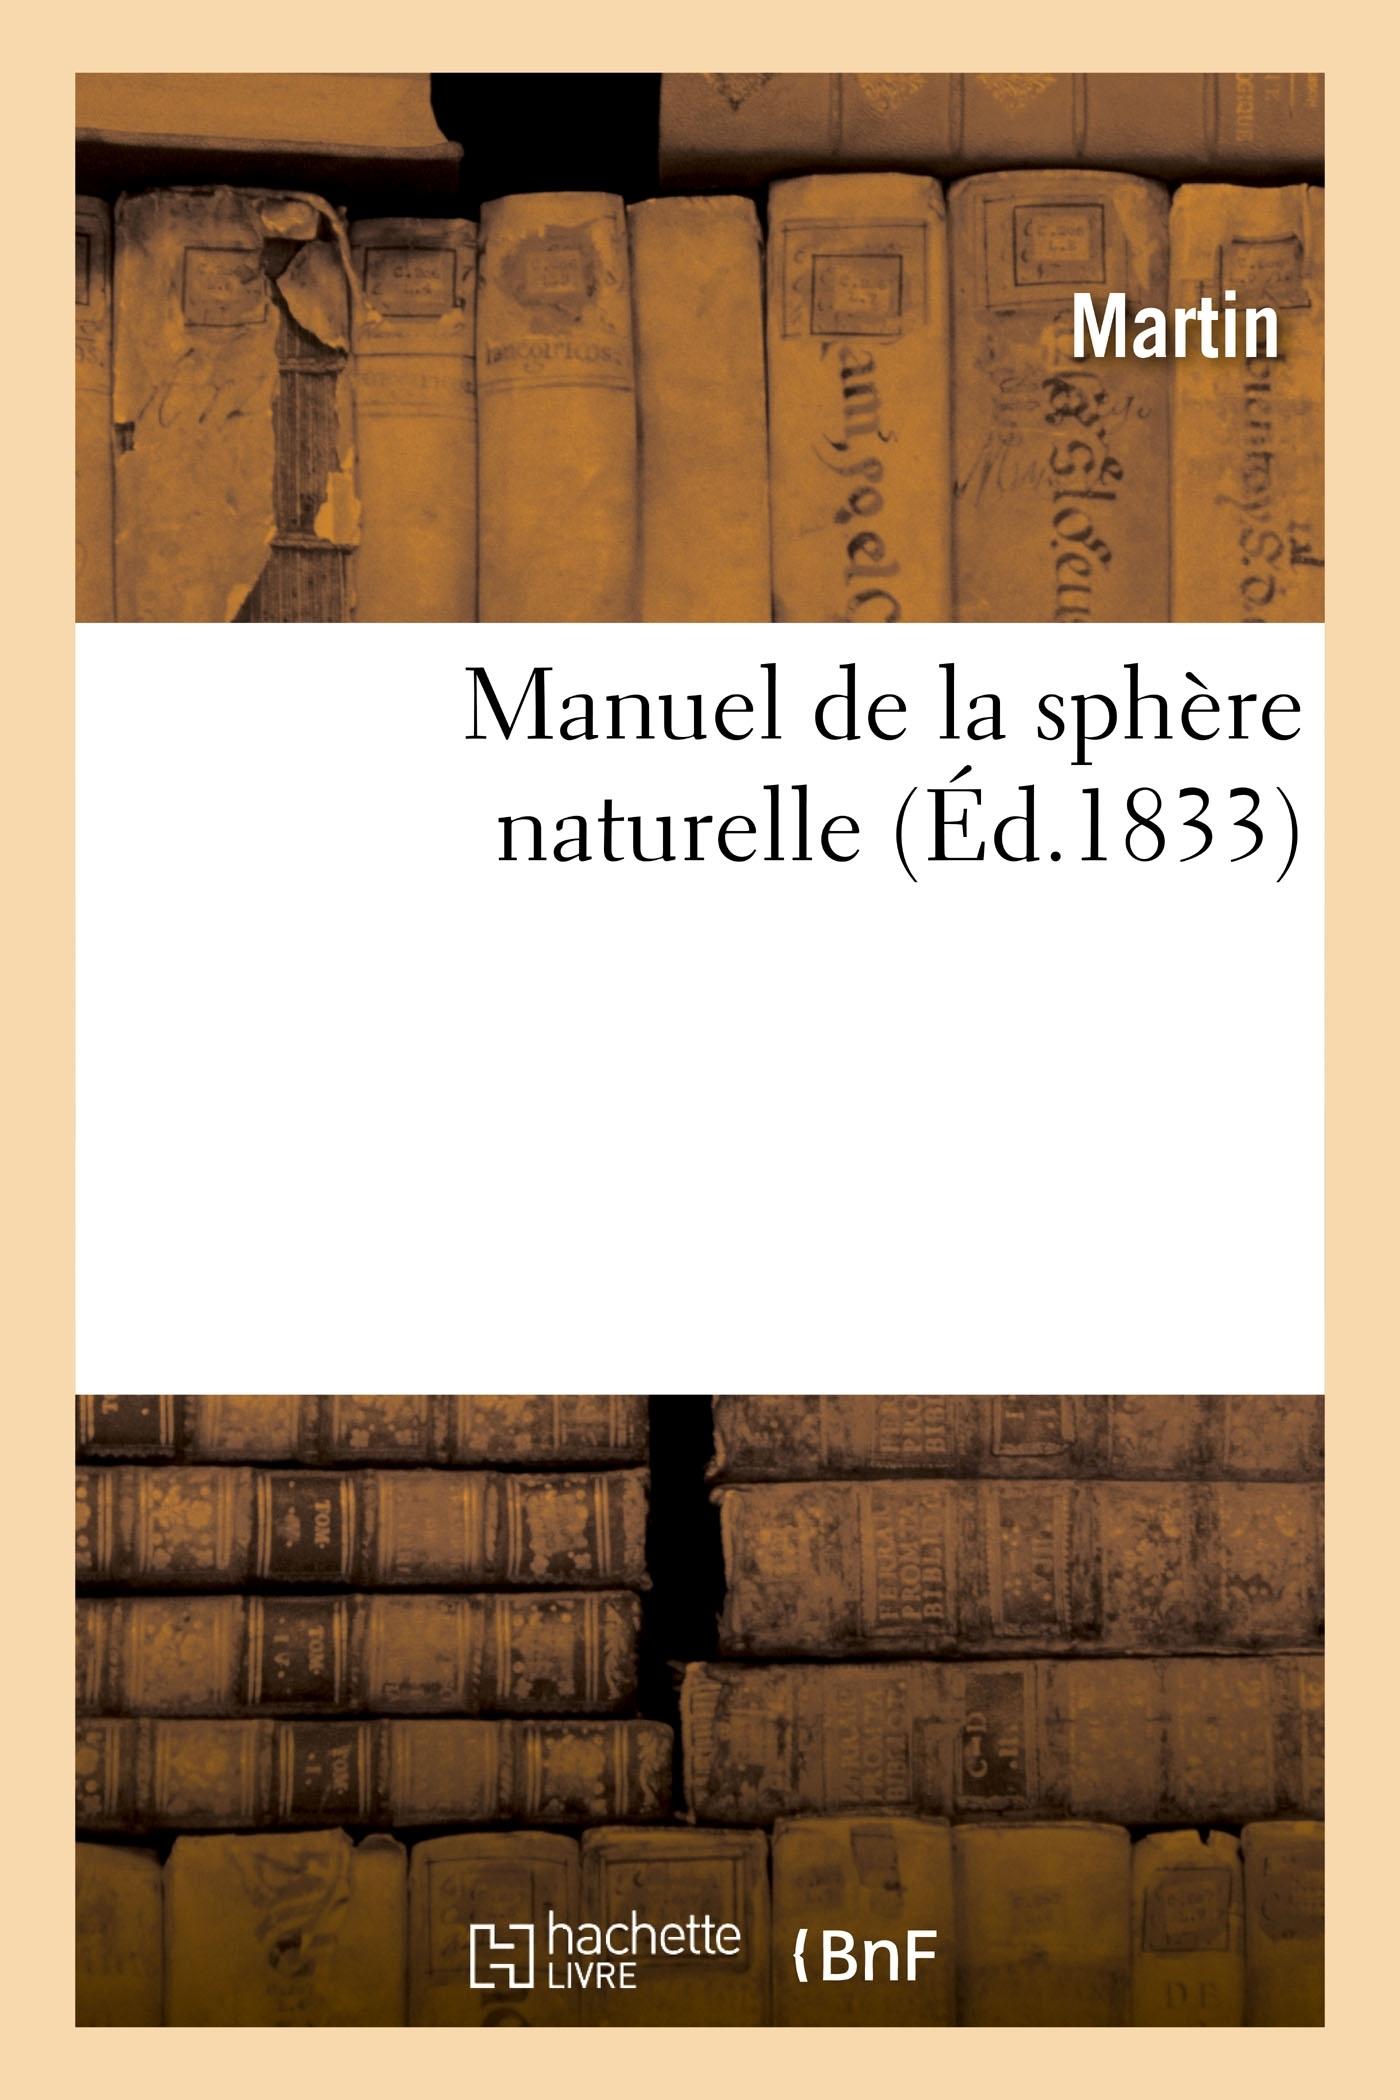 MANUEL DE LA SPHERE NATURELLE